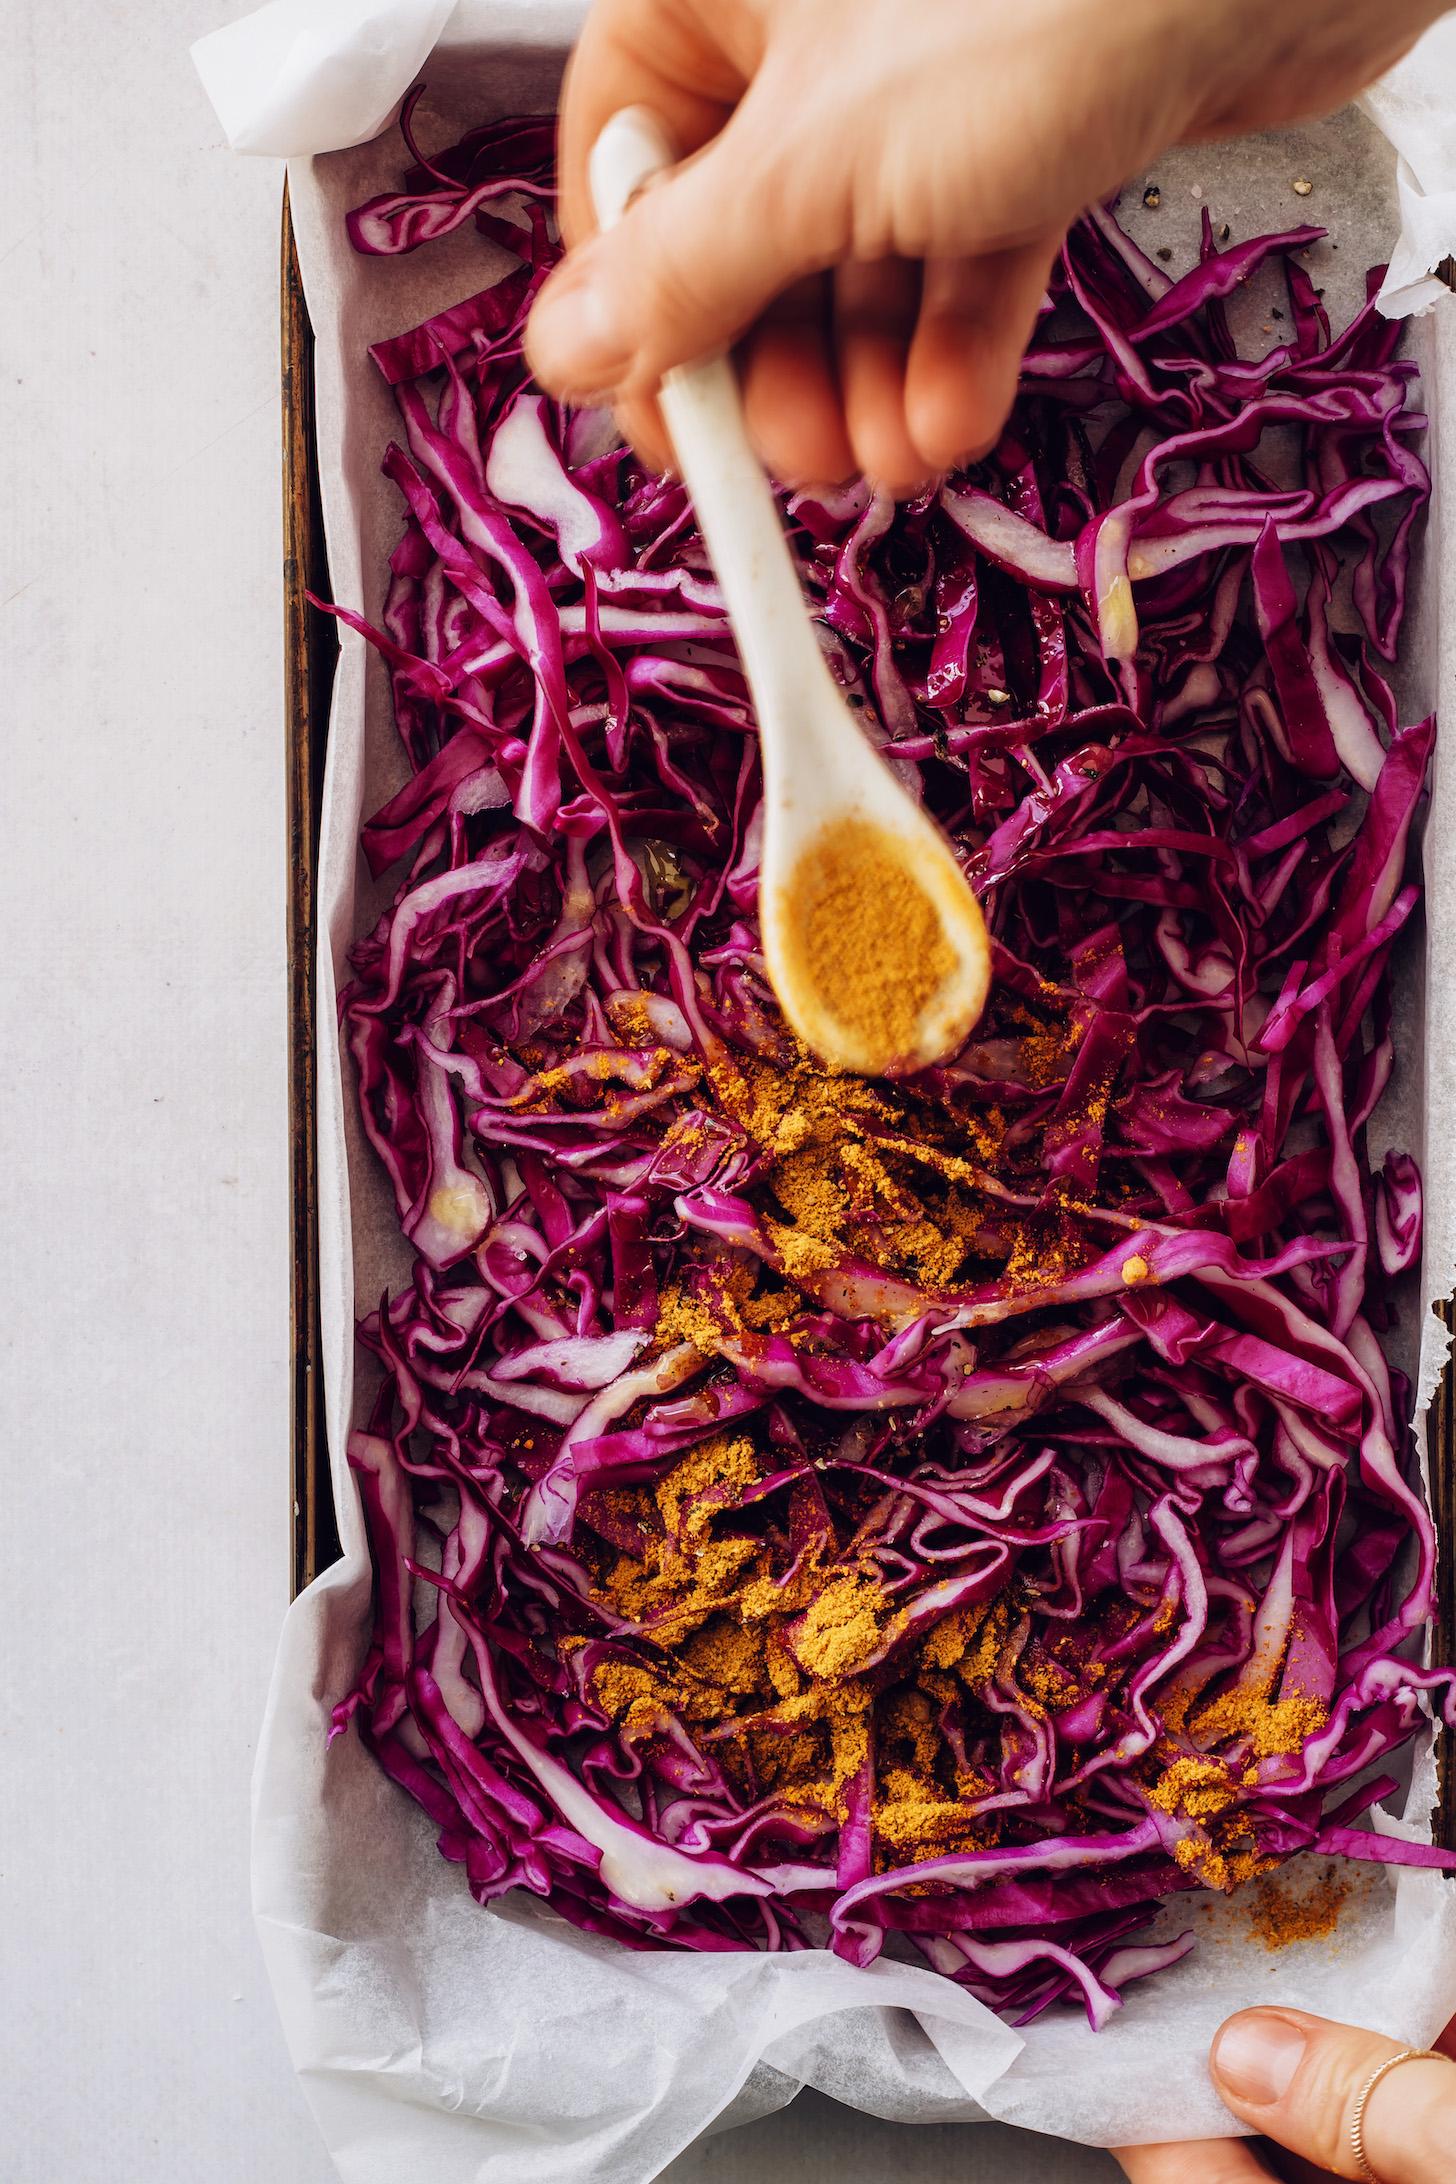 À l'aide d'une cuillère, saupoudrer de poudre de curry sur du chou rouge tranché finement